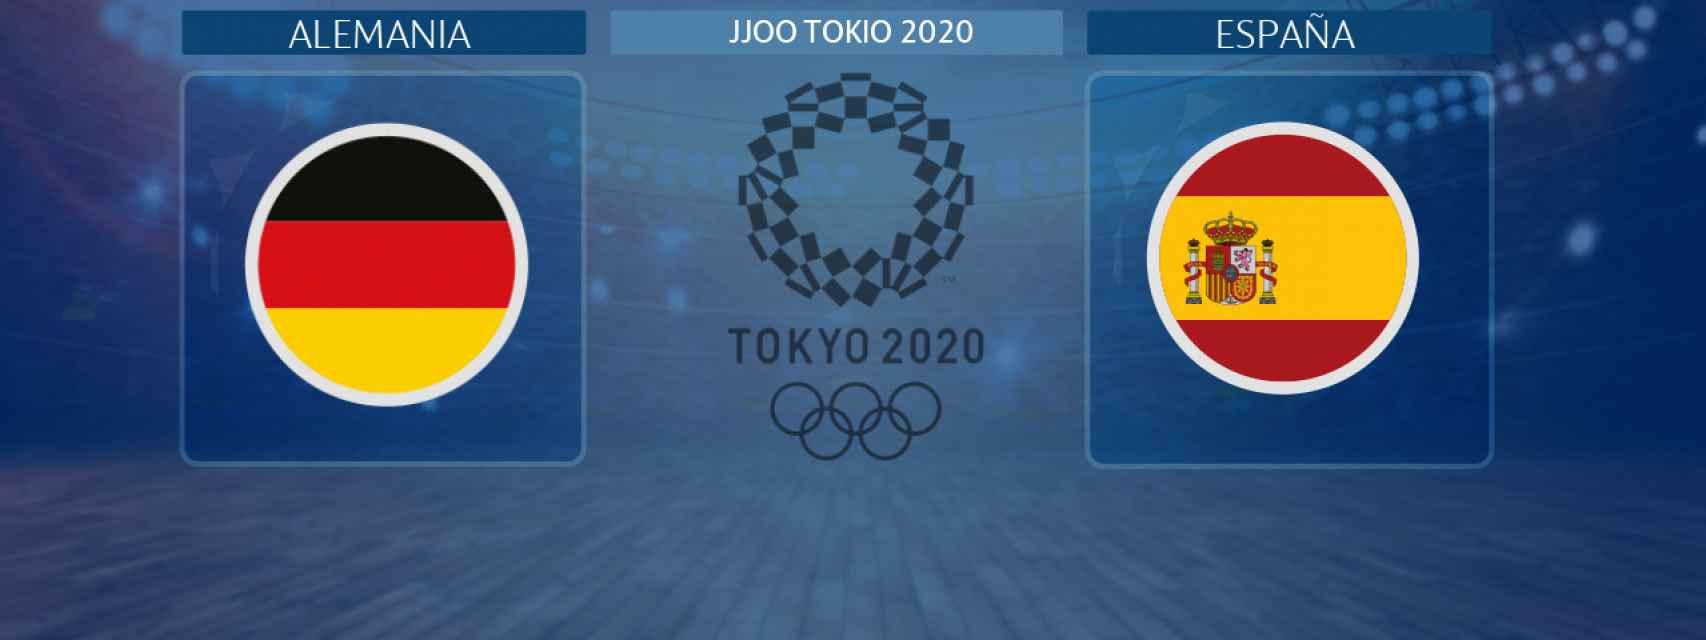 Alemania - España, partido de balonmano masculino de los JJOO Tokio 2020